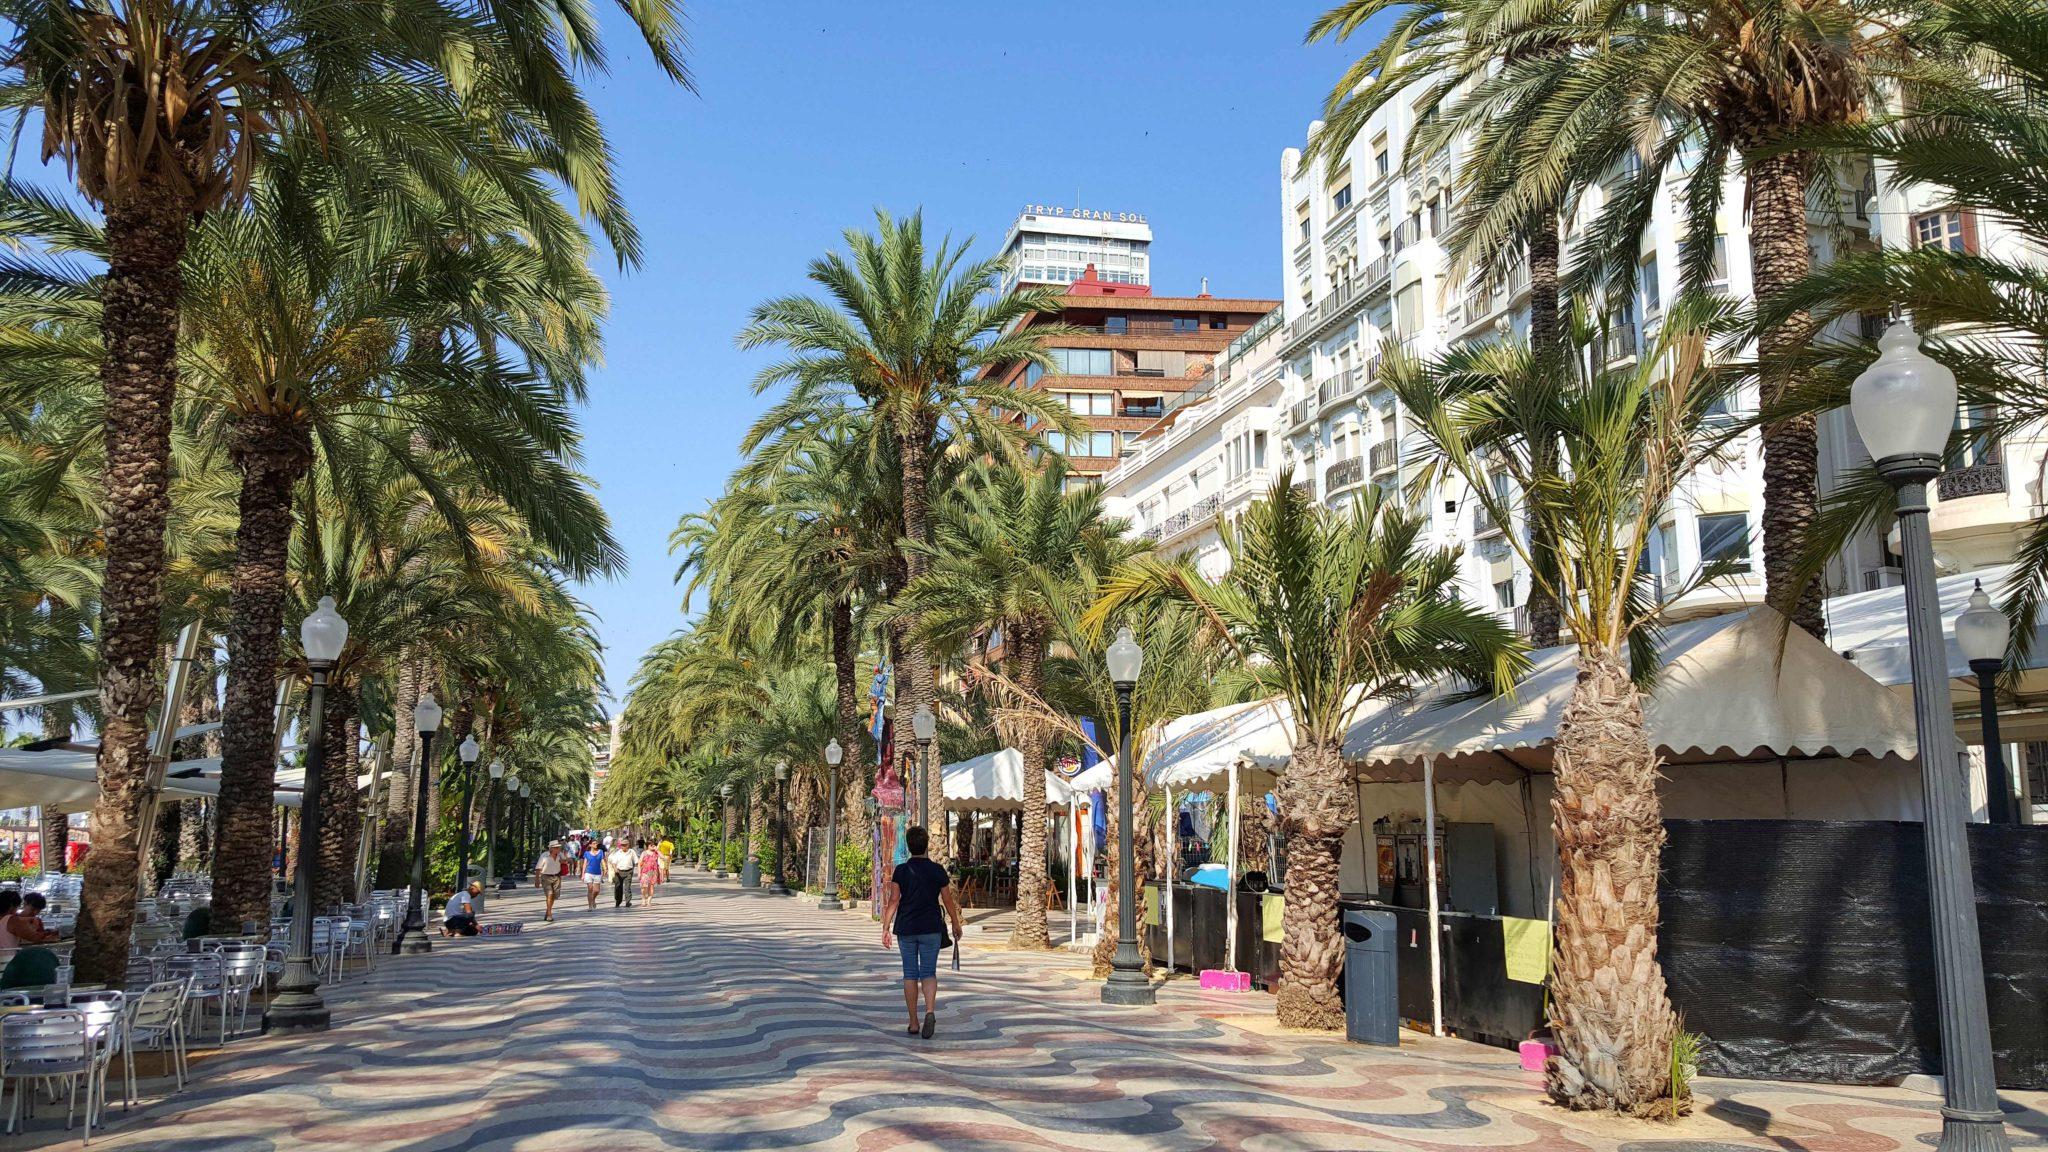 Passeio Esplanada de Espanha - Alicante - Espanha © Viaje Comigo